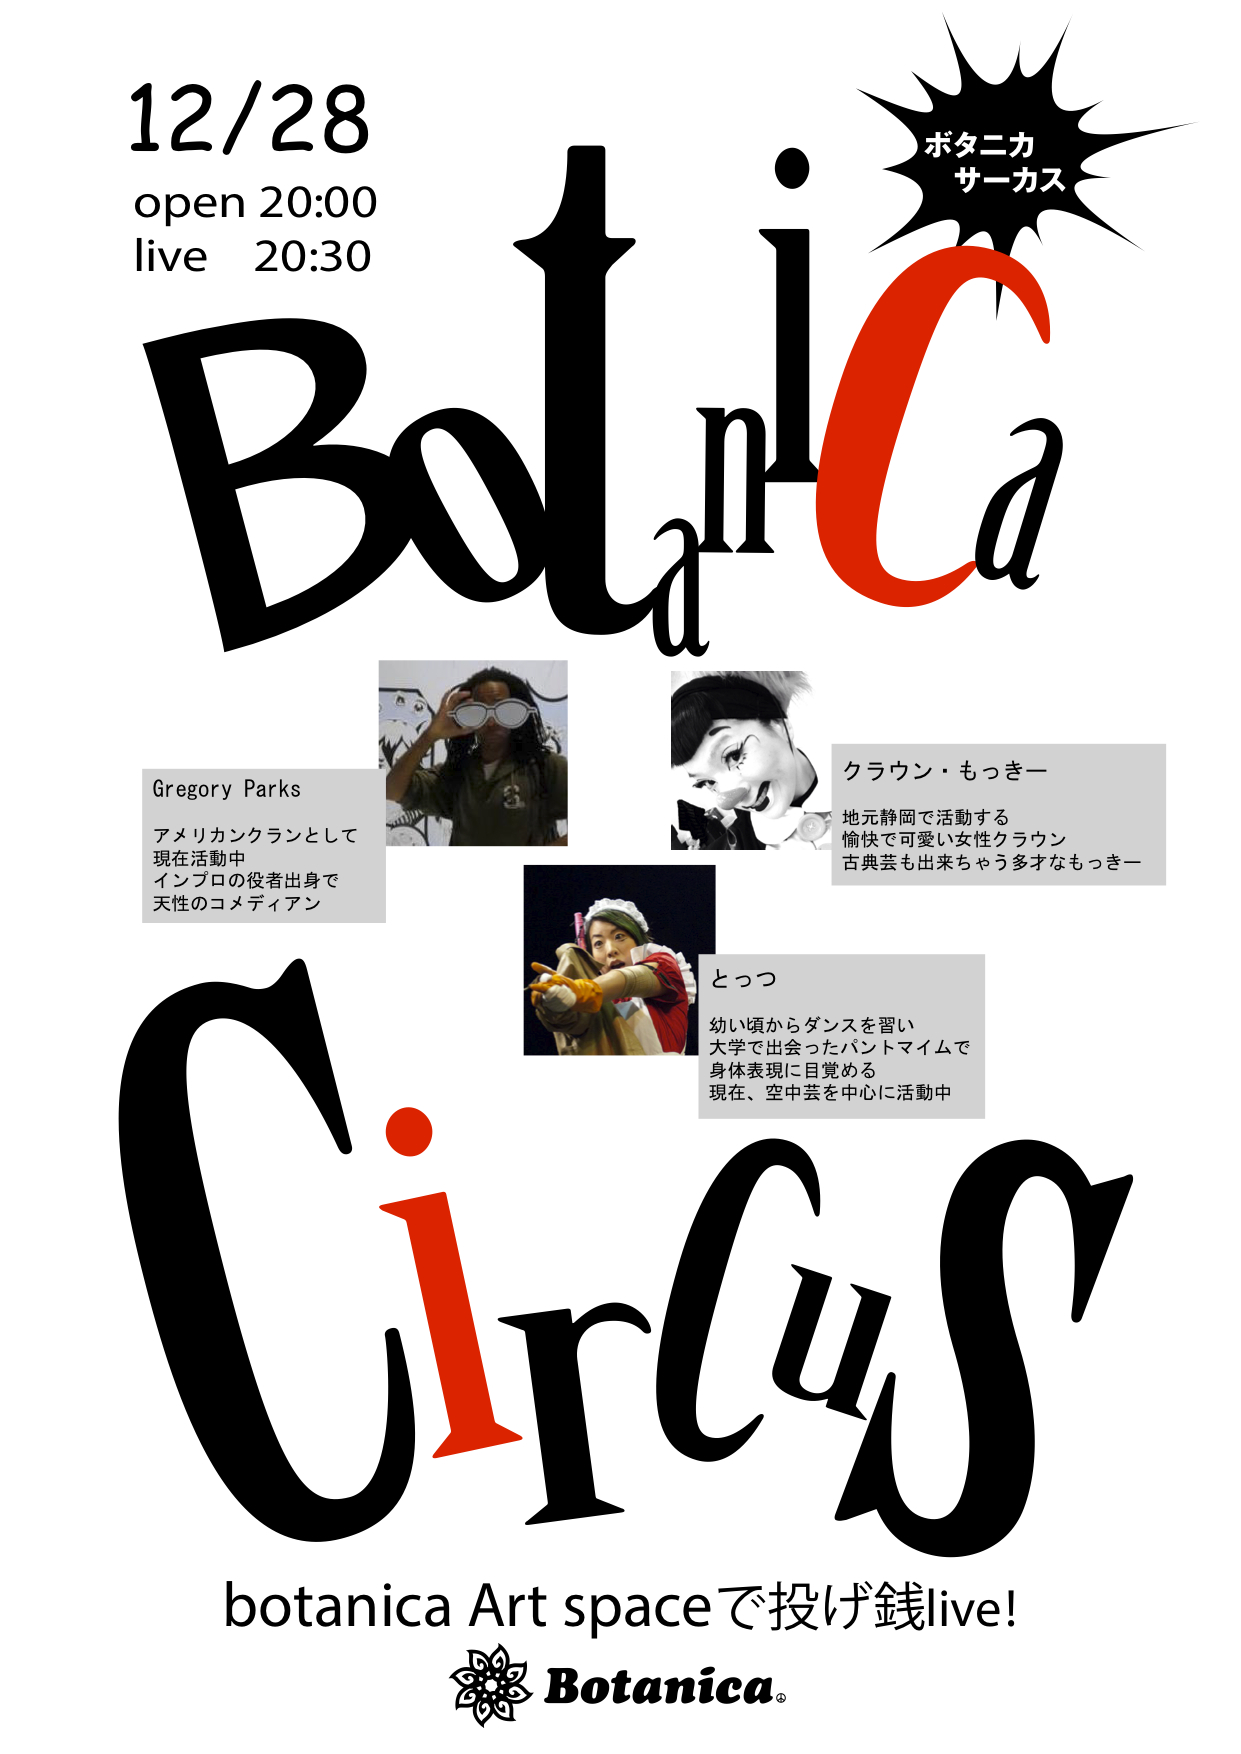 イベント_12月28日ボタニカサーカス2